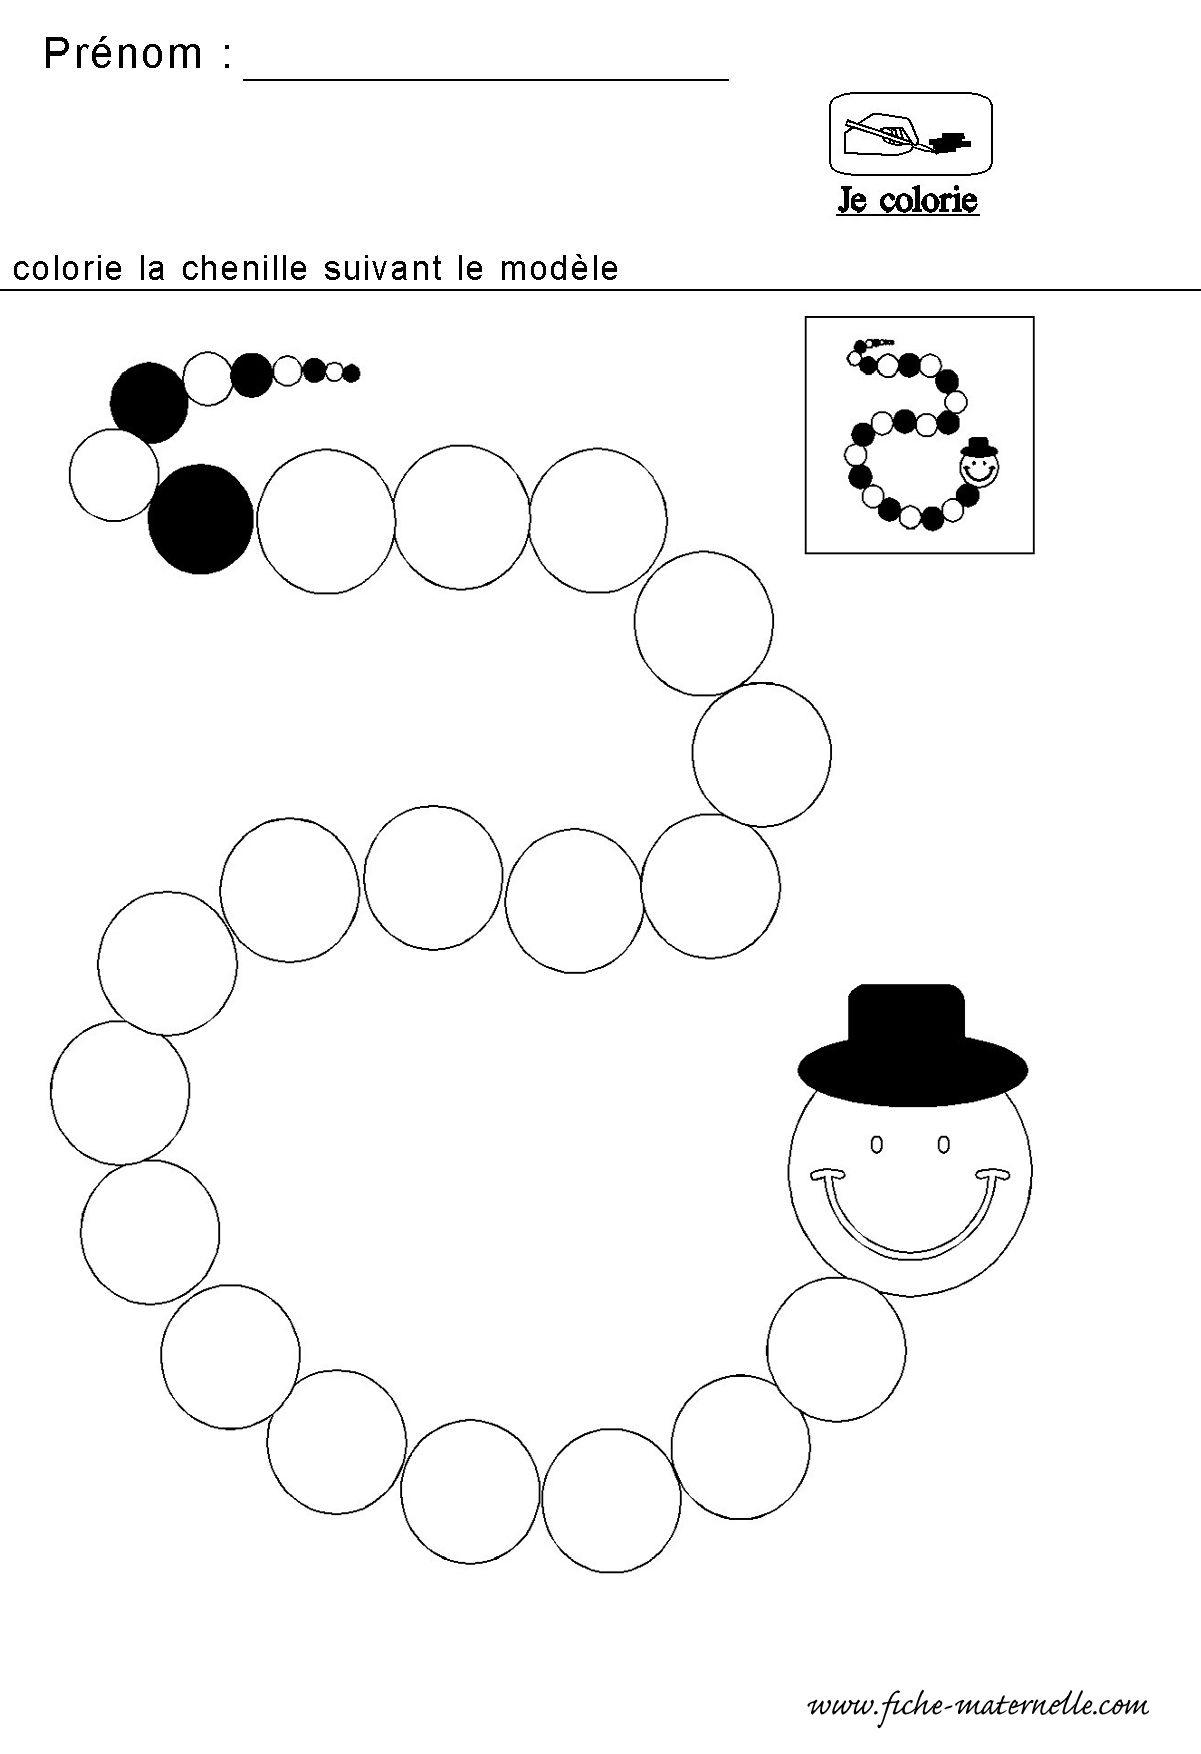 Mathematiques Maternelle Algorithme De La Chenille dedans Exercice De Moyenne Section